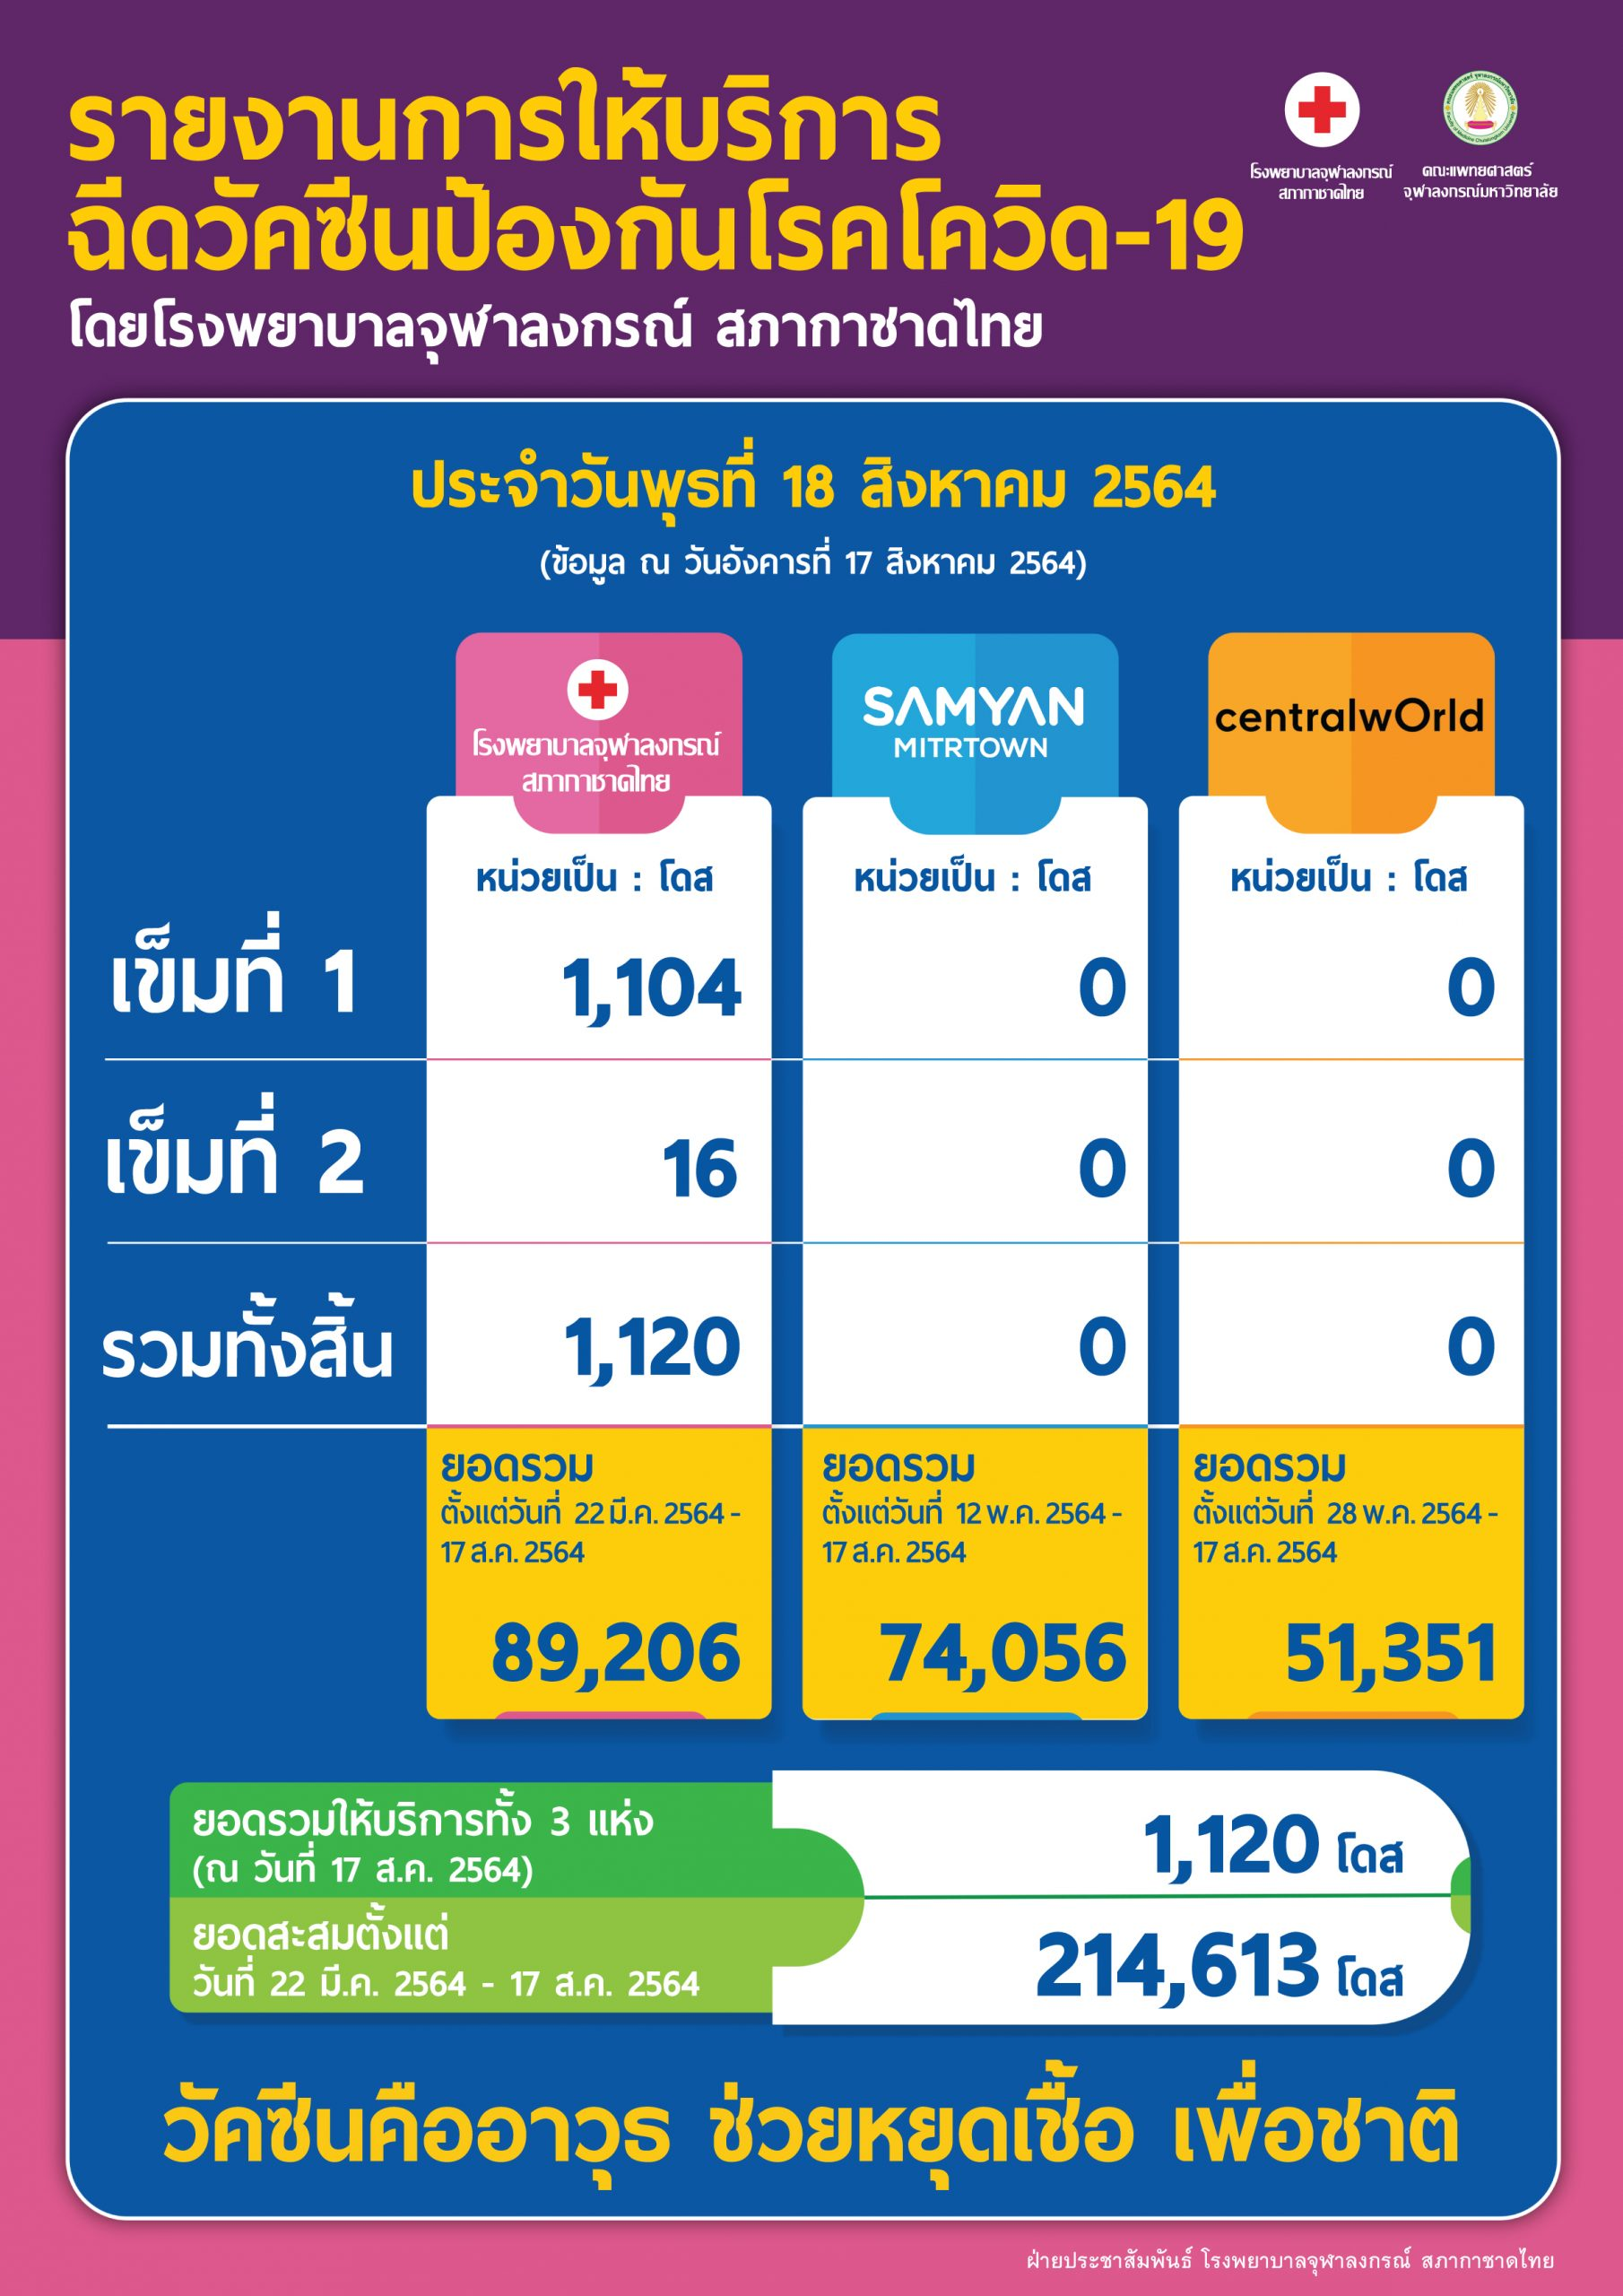 รายงานการให้บริการฉีดวัคซีนป้องกันโรคโควิด-19 โดยโรงพยาบาลจุฬาลงกรณ์ สภากาชาดไทย ประจำวันพุธที่ 18 สิงหาคม 2564